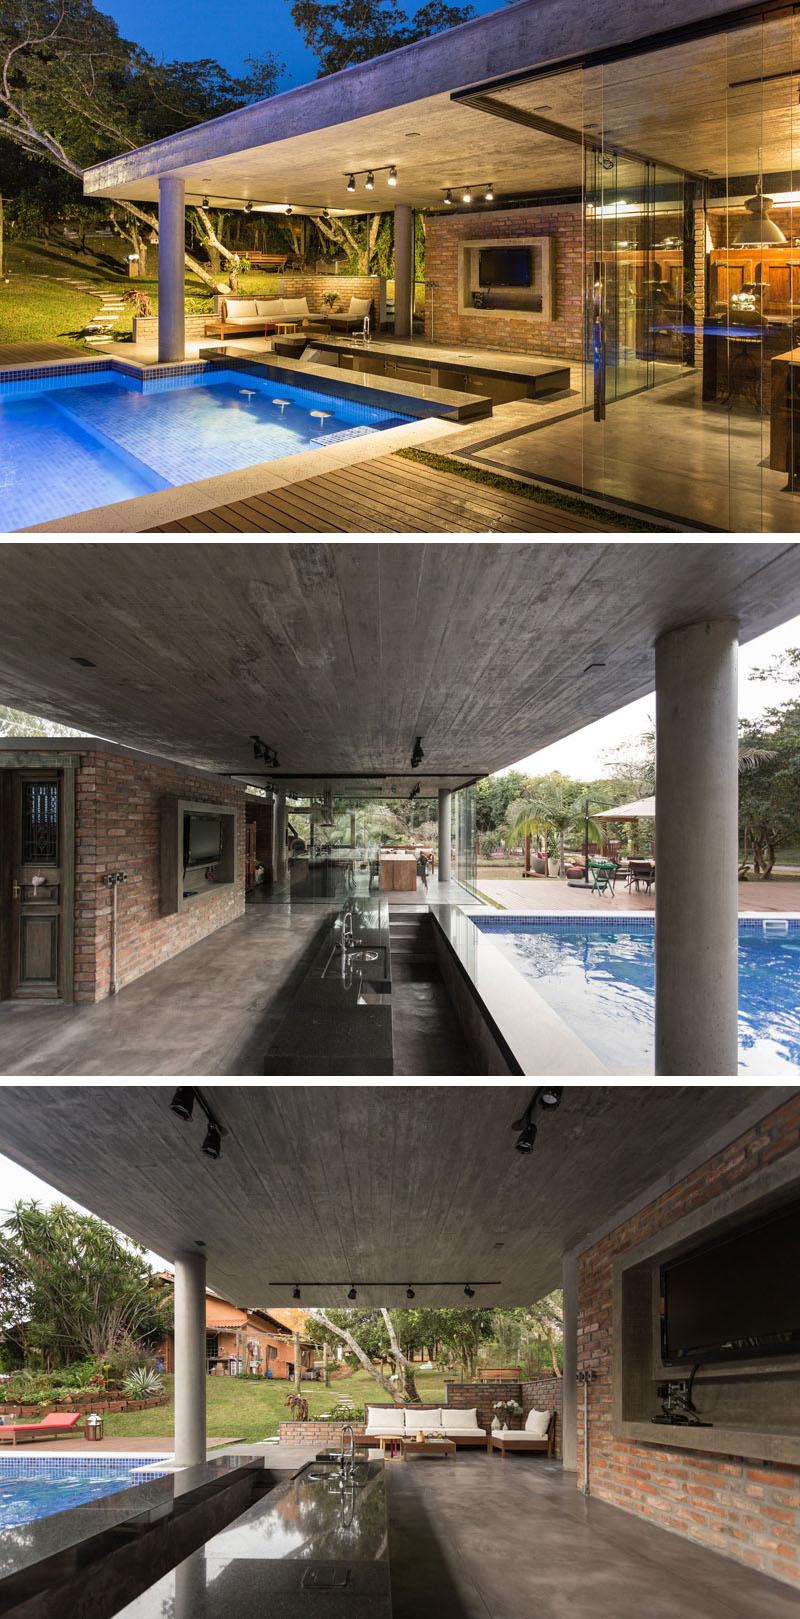 2-casa-com-piscina-bar-molhado-e-forno-a-lenha-na-area-externa